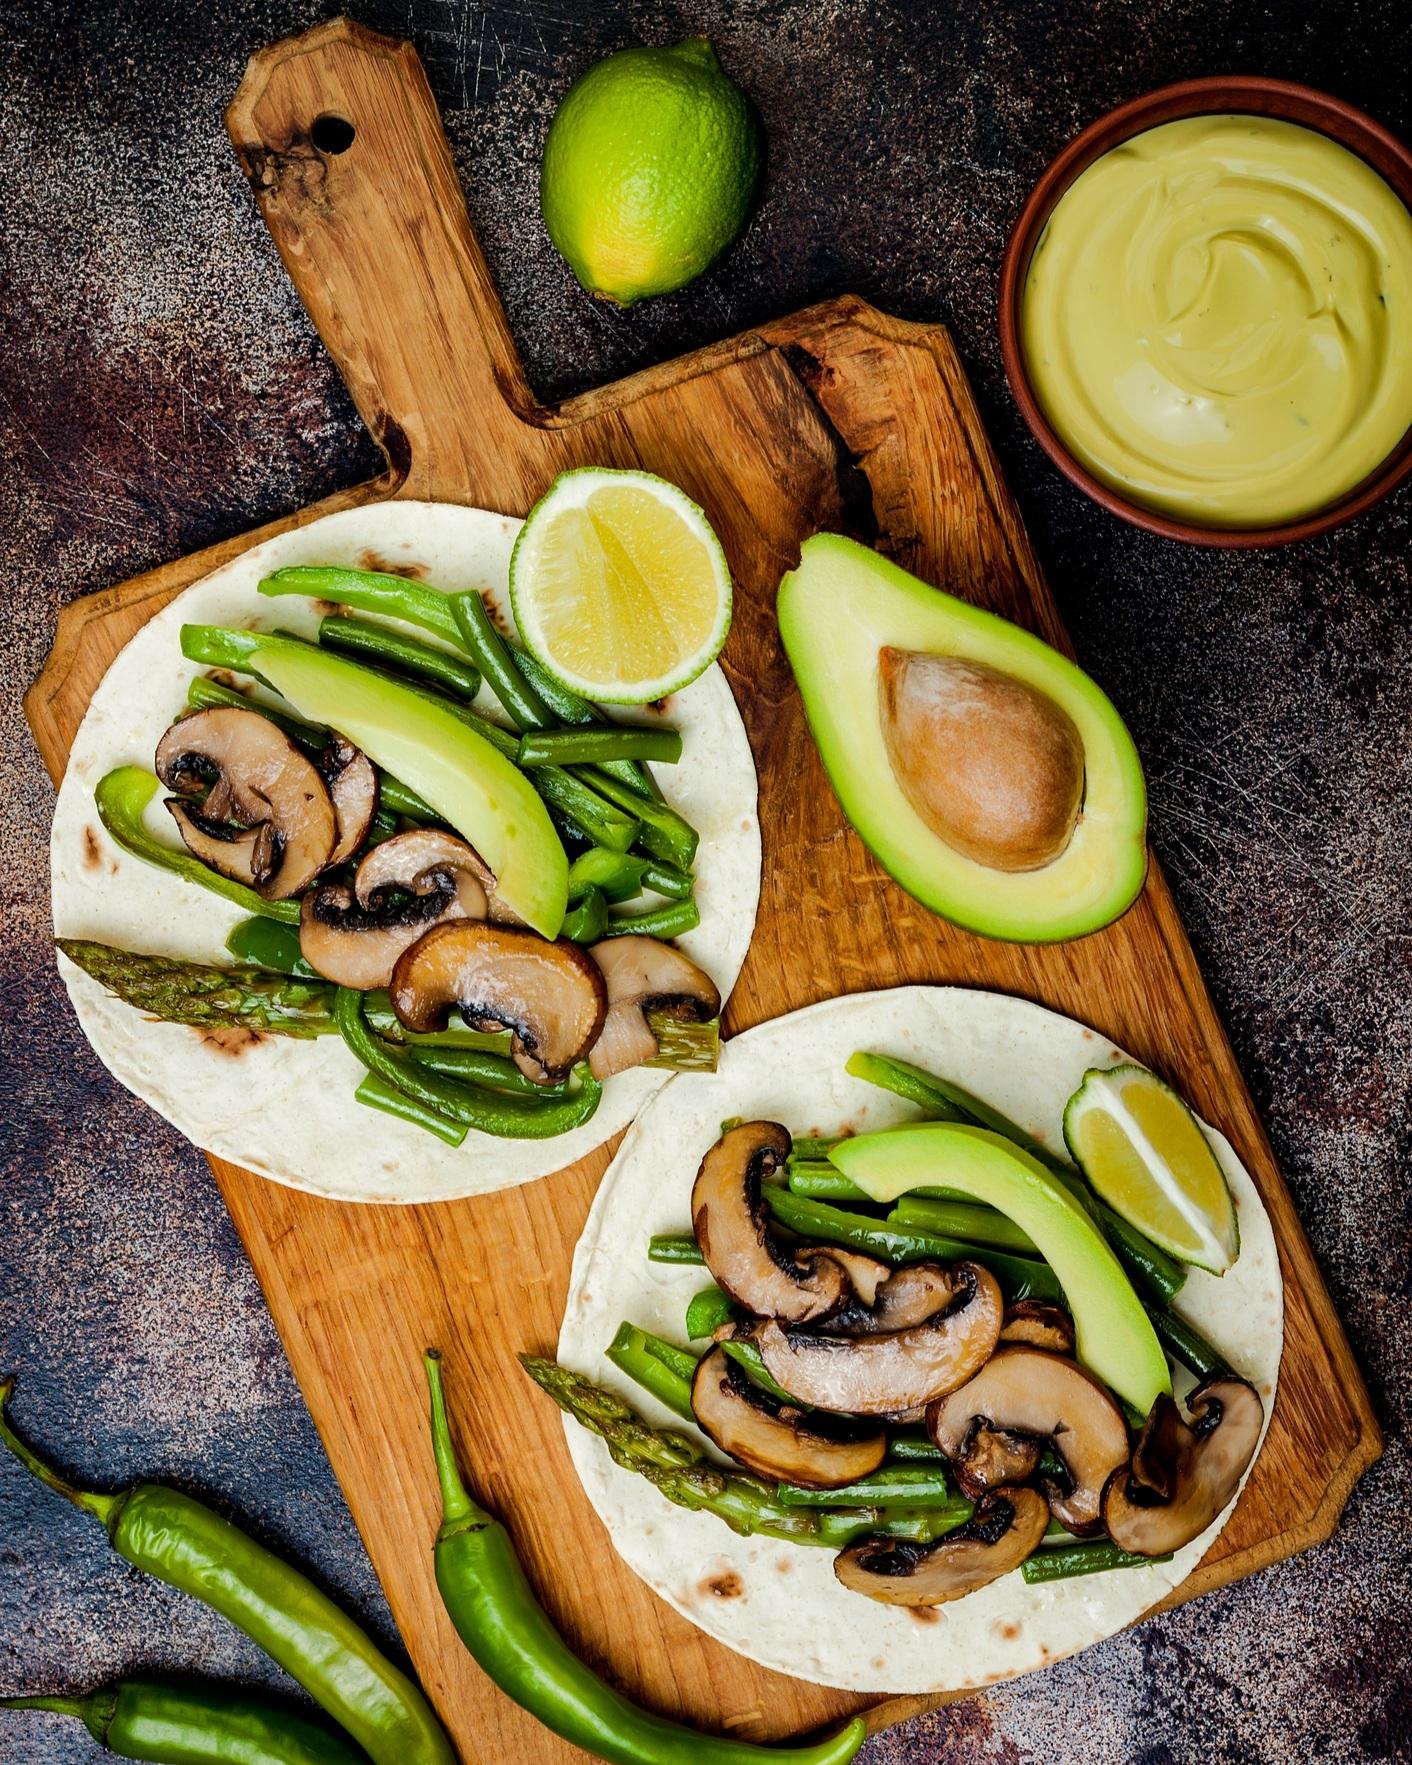 Dans vos tacos - Drôle de combinaison me direz-vous? Je me faisais la même remarque la première fois qu'on m'a servi des asperges dans un tacos lors d'une visite au restaurant. Toutefois, j'ai été charmé par l'originalité de cette idée plutôt inhabituelle et depuis, les asperges font partie de plusieurs de mes plats mexicains. Personnellement, j'adore la combinaison asperges, oignons marinés, sauce piquante et guacamole.